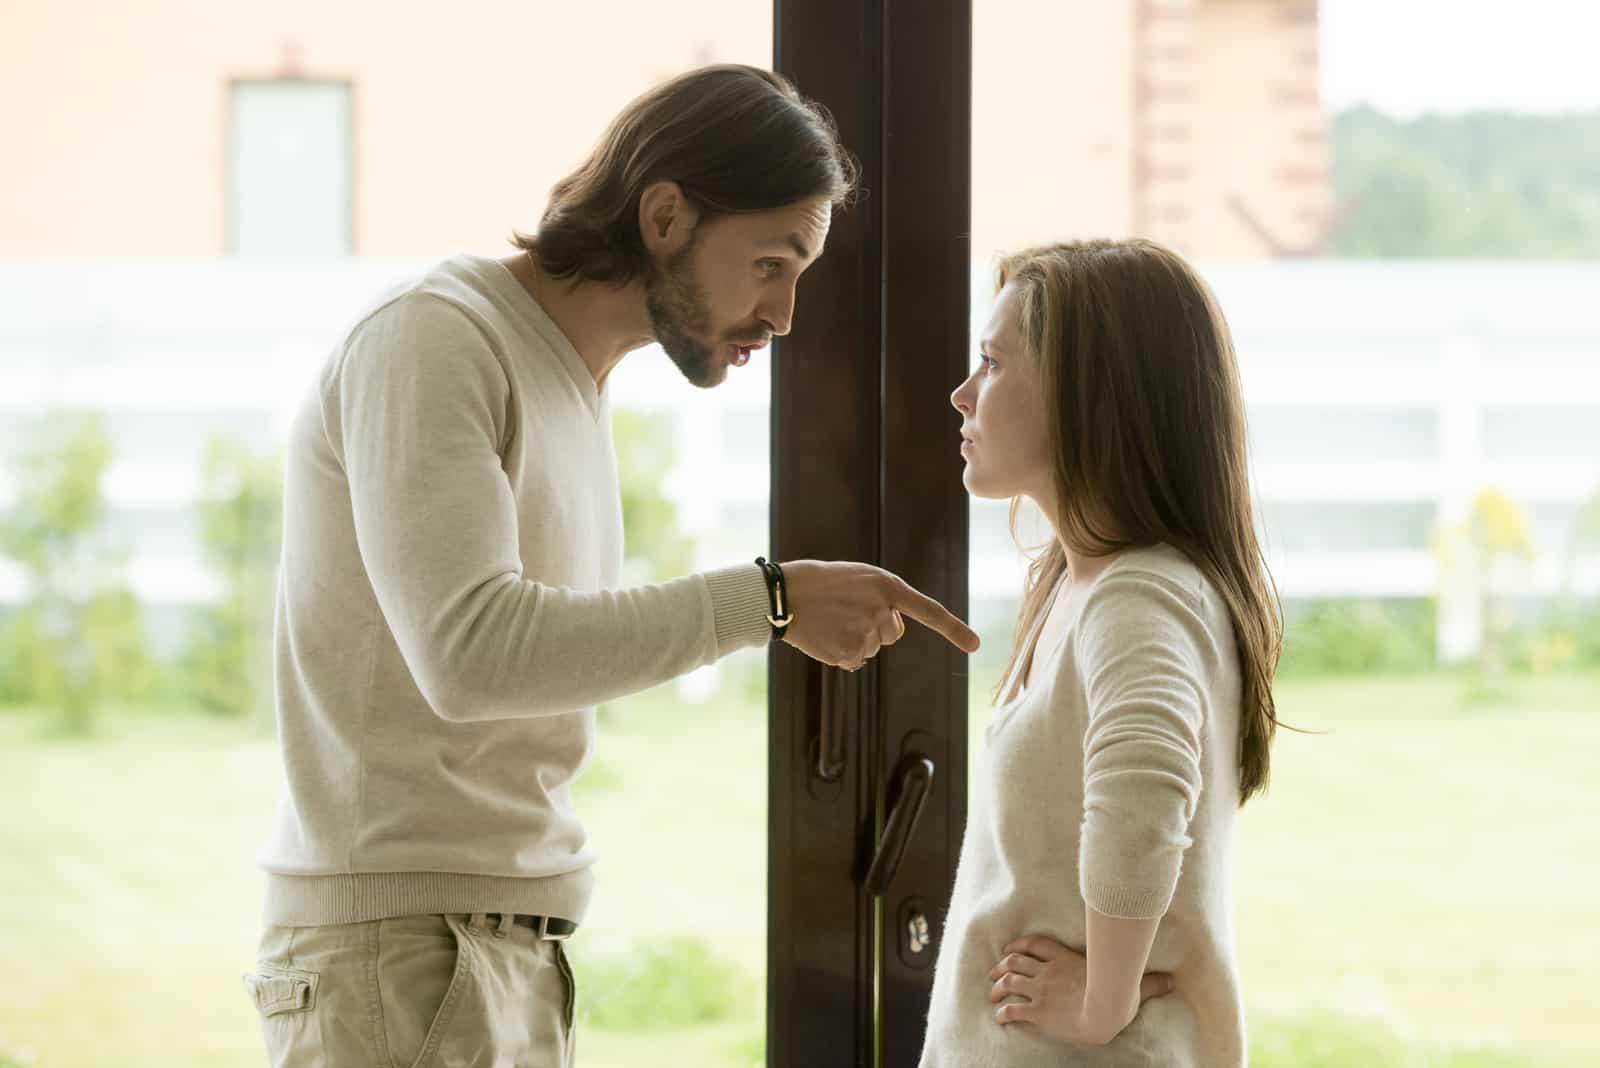 un homme se querelle avec une femme